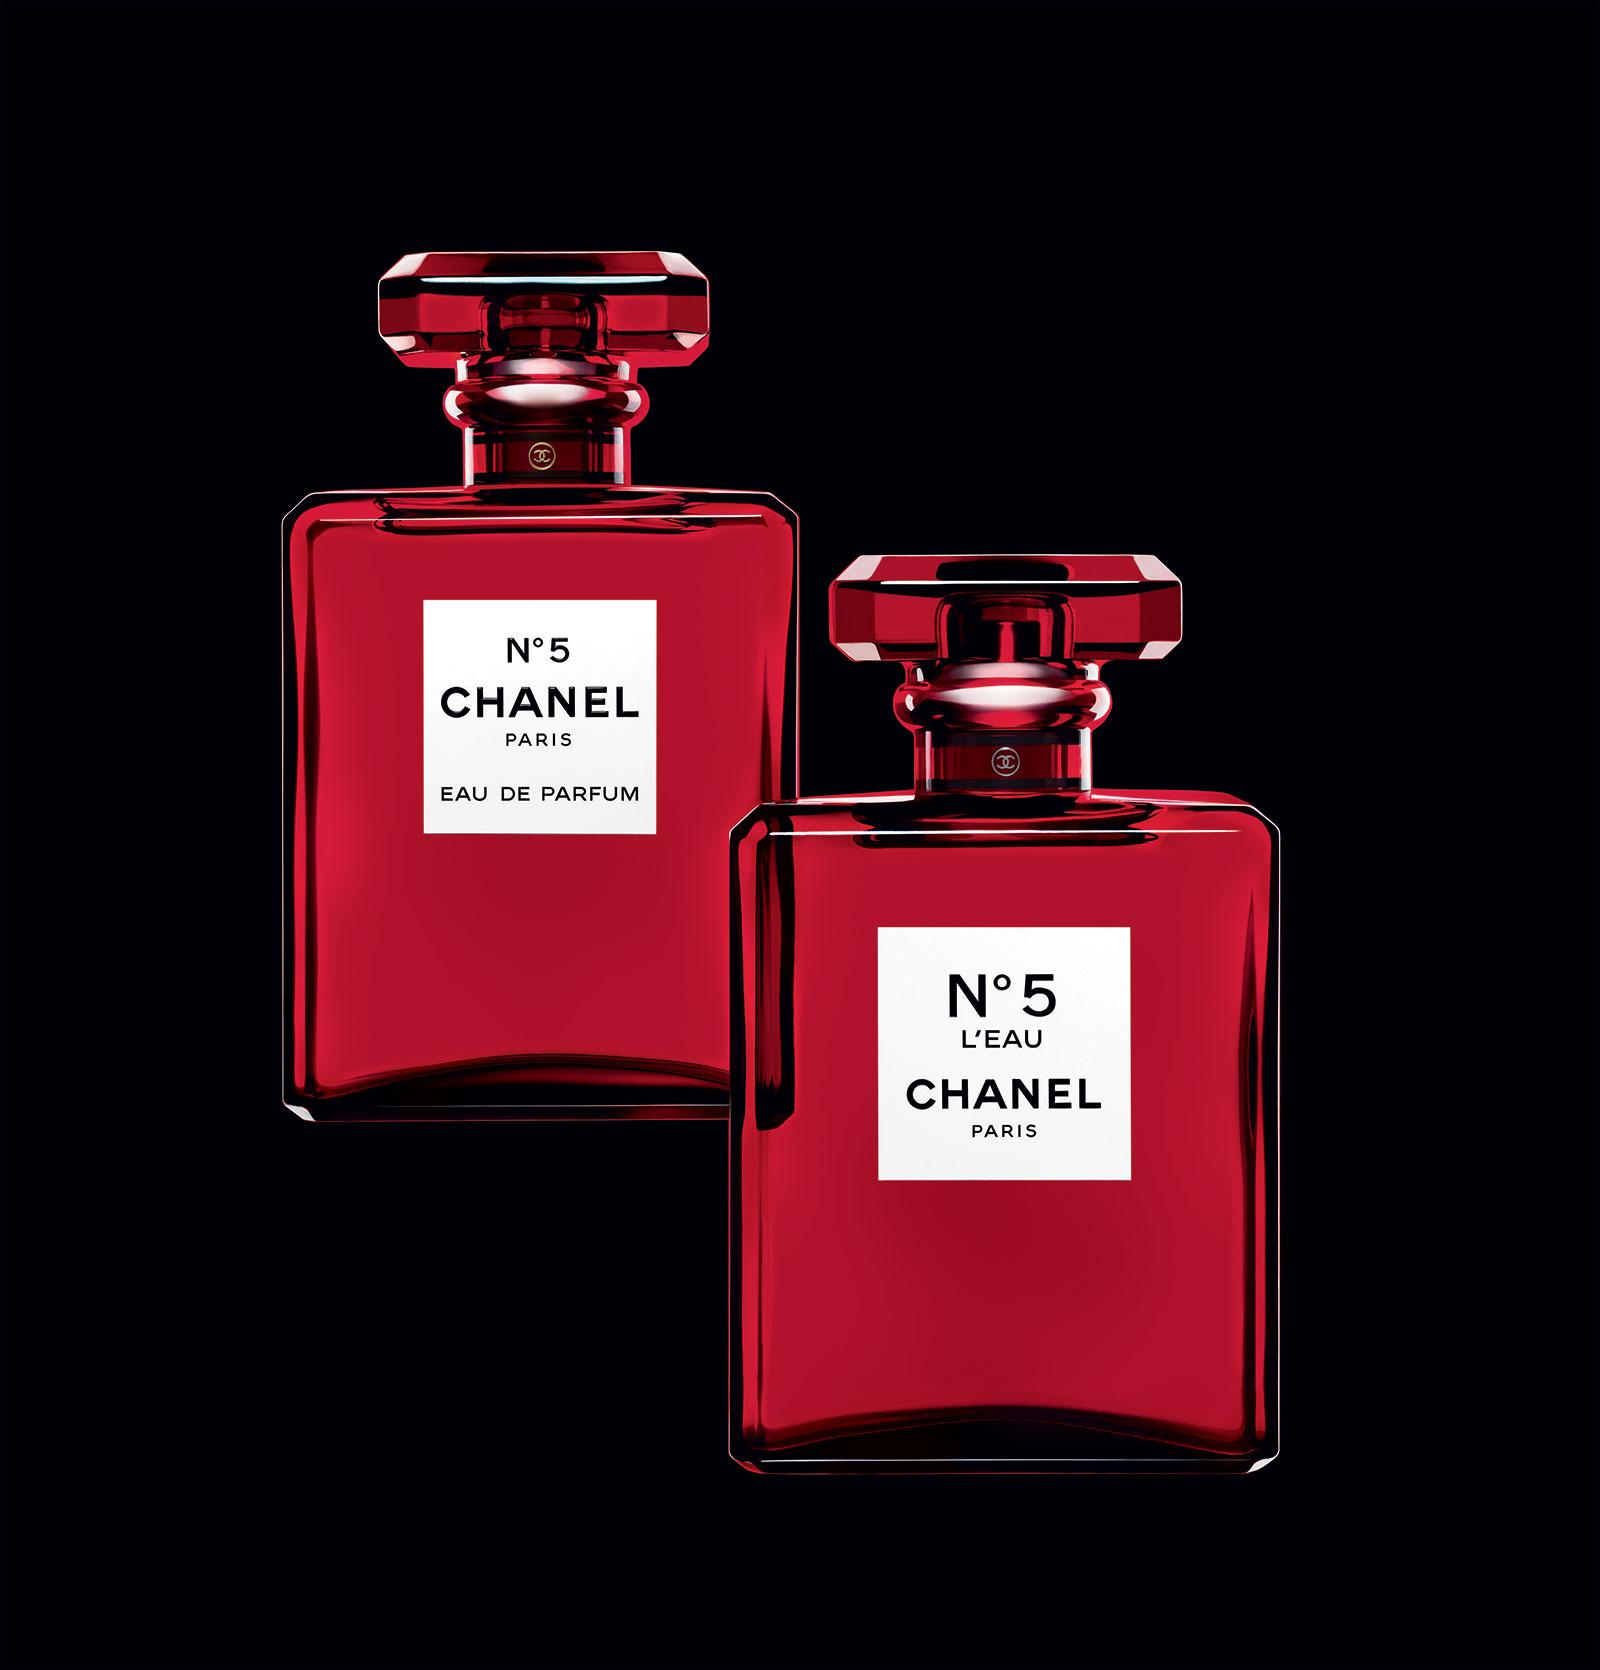 9c26c773 Chanel No 5 Eau de Parfum Red Edition Chanel for women